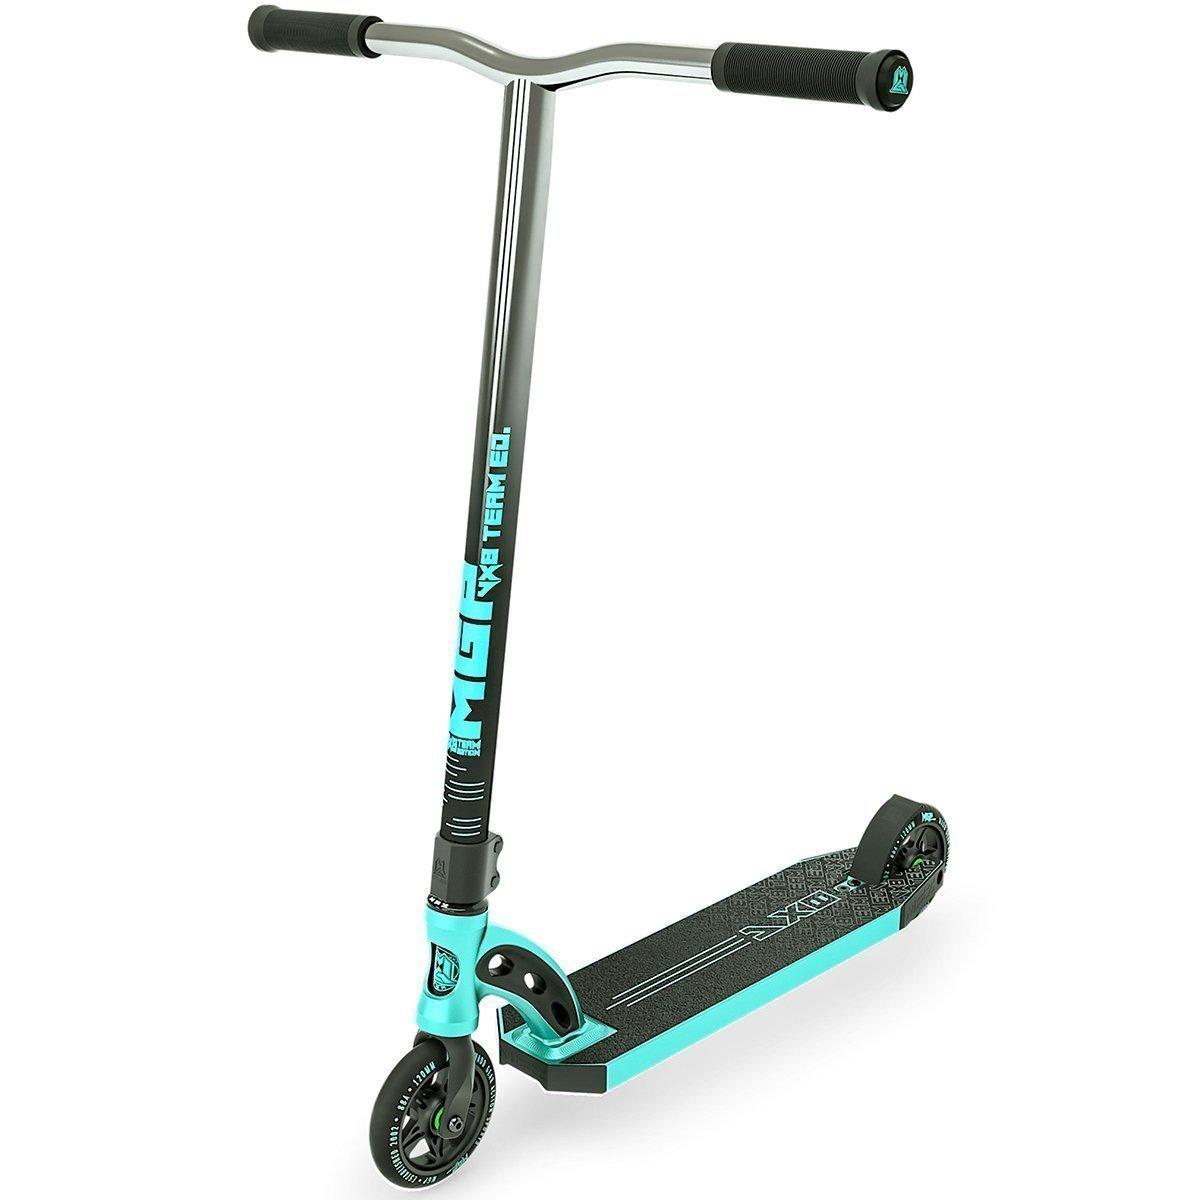 MGP Scooter VX8 Team turquoise | Simtek.lt boardshop